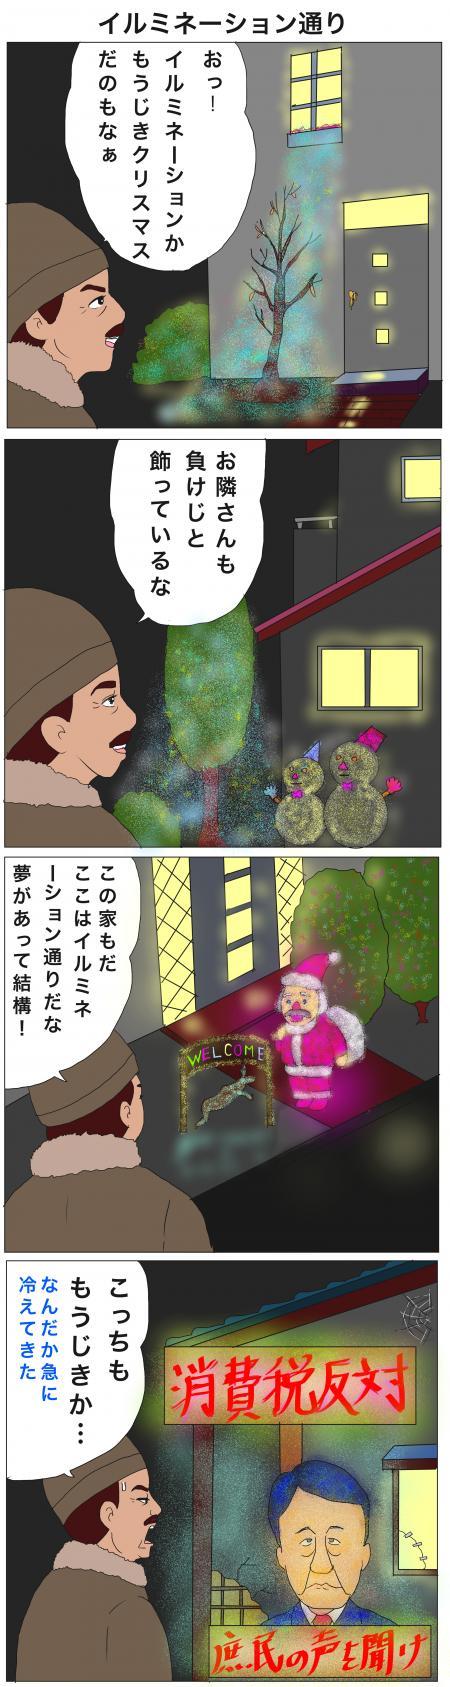 イルミネーション通り+new_convert_20131116163406